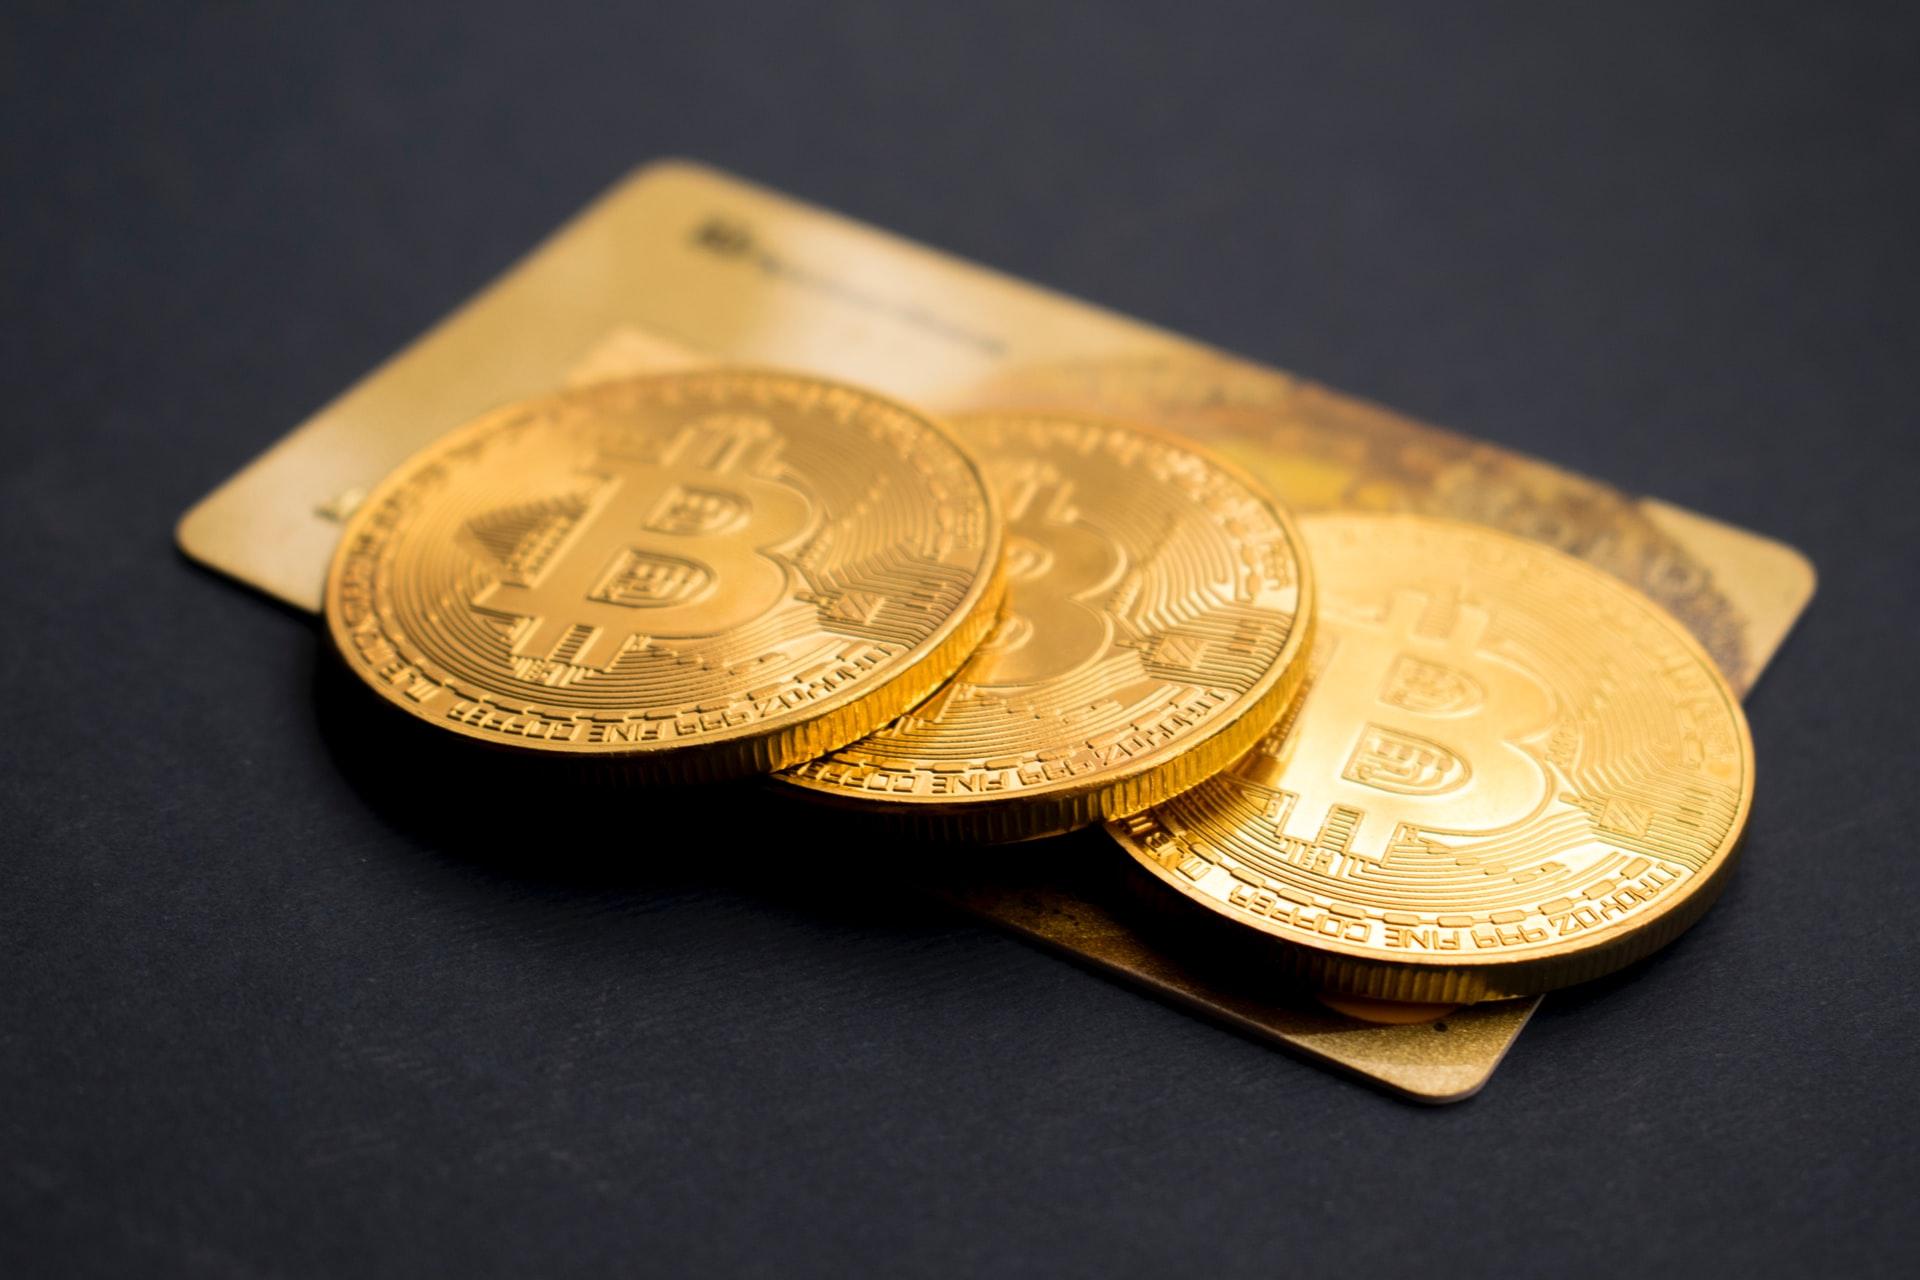 仮想通貨(ビットコイン)とは一体なに?超分かりやすく初心者向けに解説! | マネーR